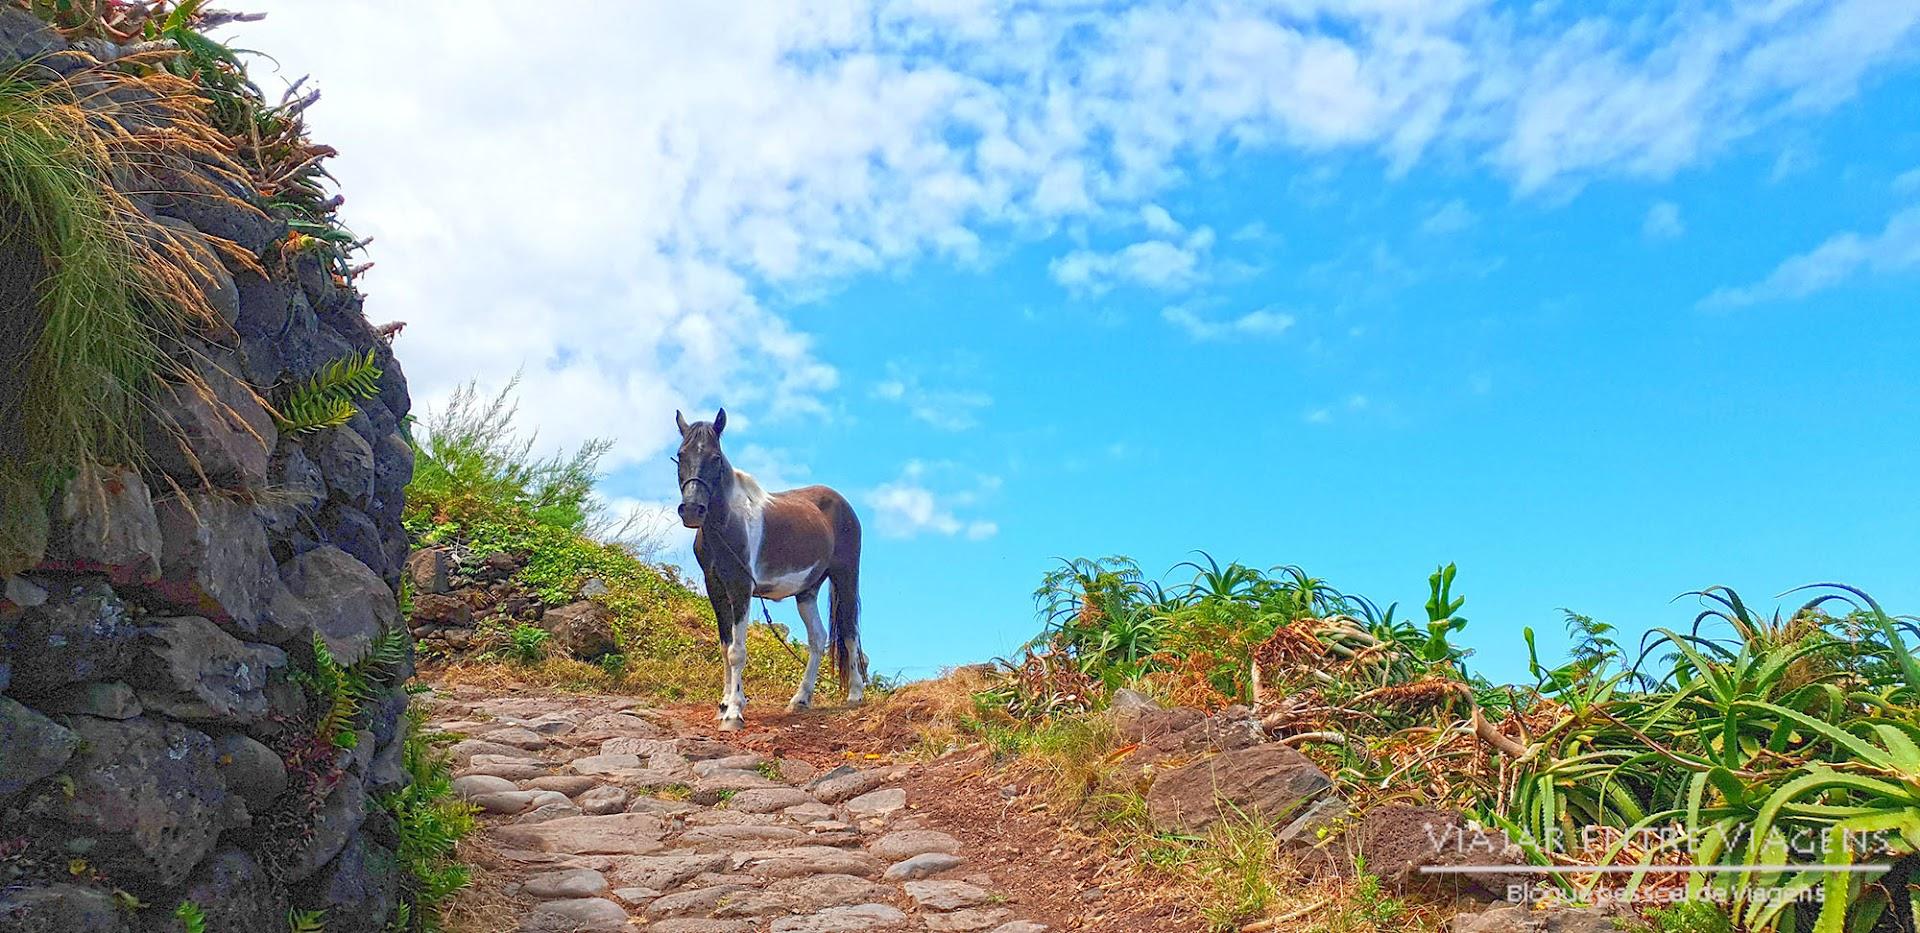 TRILHO DA FAJÃ DA CALDEIRA DE SANTO CRISTO - PR01 SJO - Da Serra do Topo à Fajã dos Cubres, uma aventura a não perder em São Jorge, nos Açores